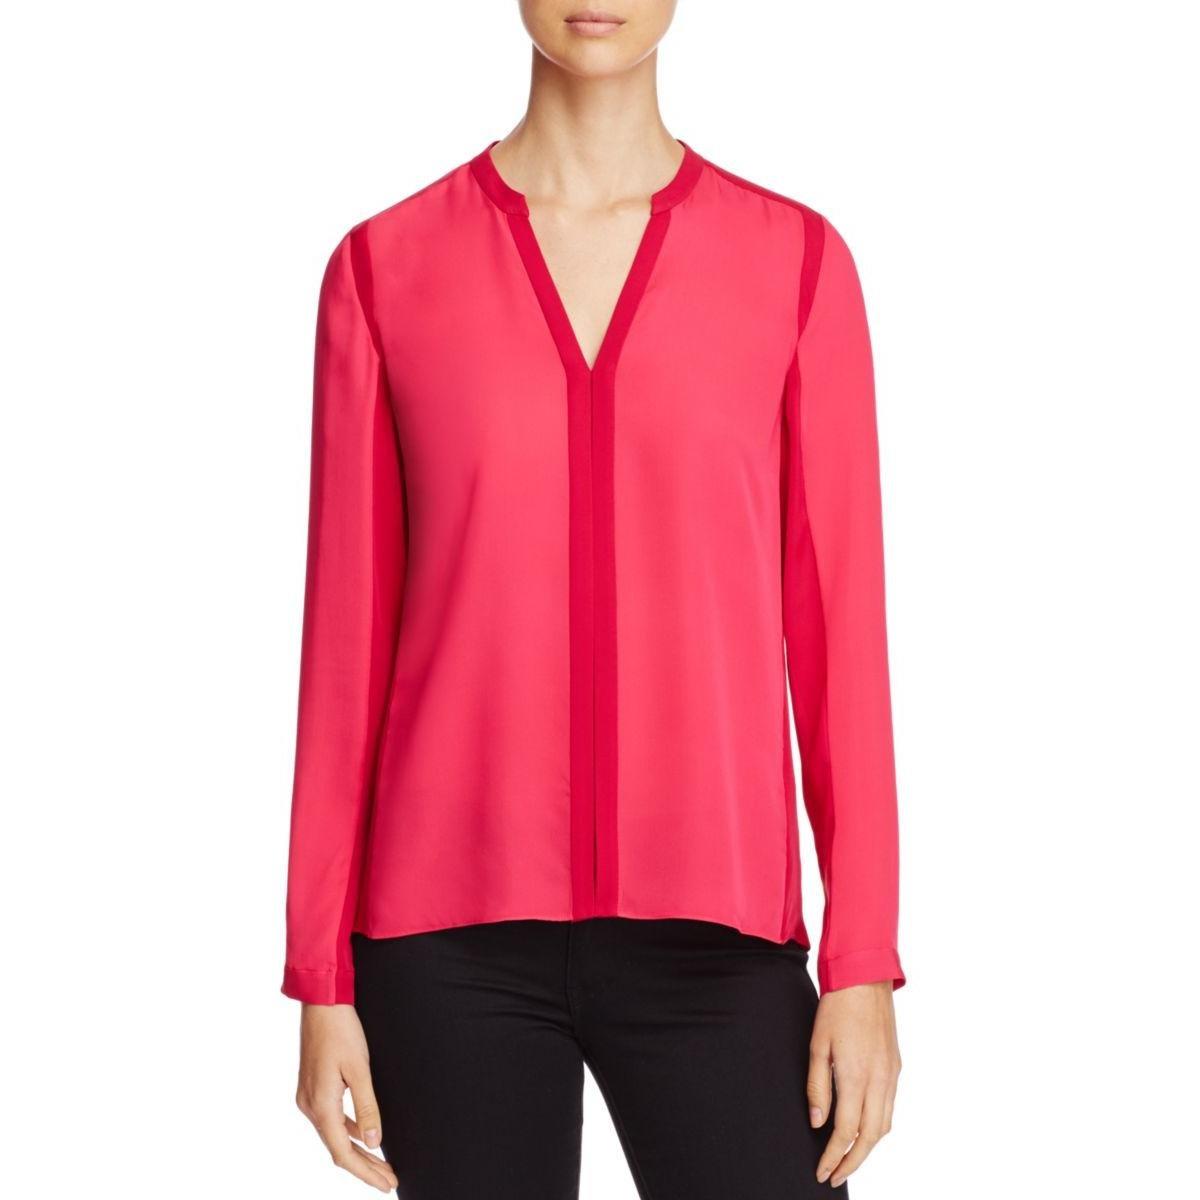 Elie Tahari Womens Silk Colorblock Blouse Pink XL by Elie Tahari (Image #1)